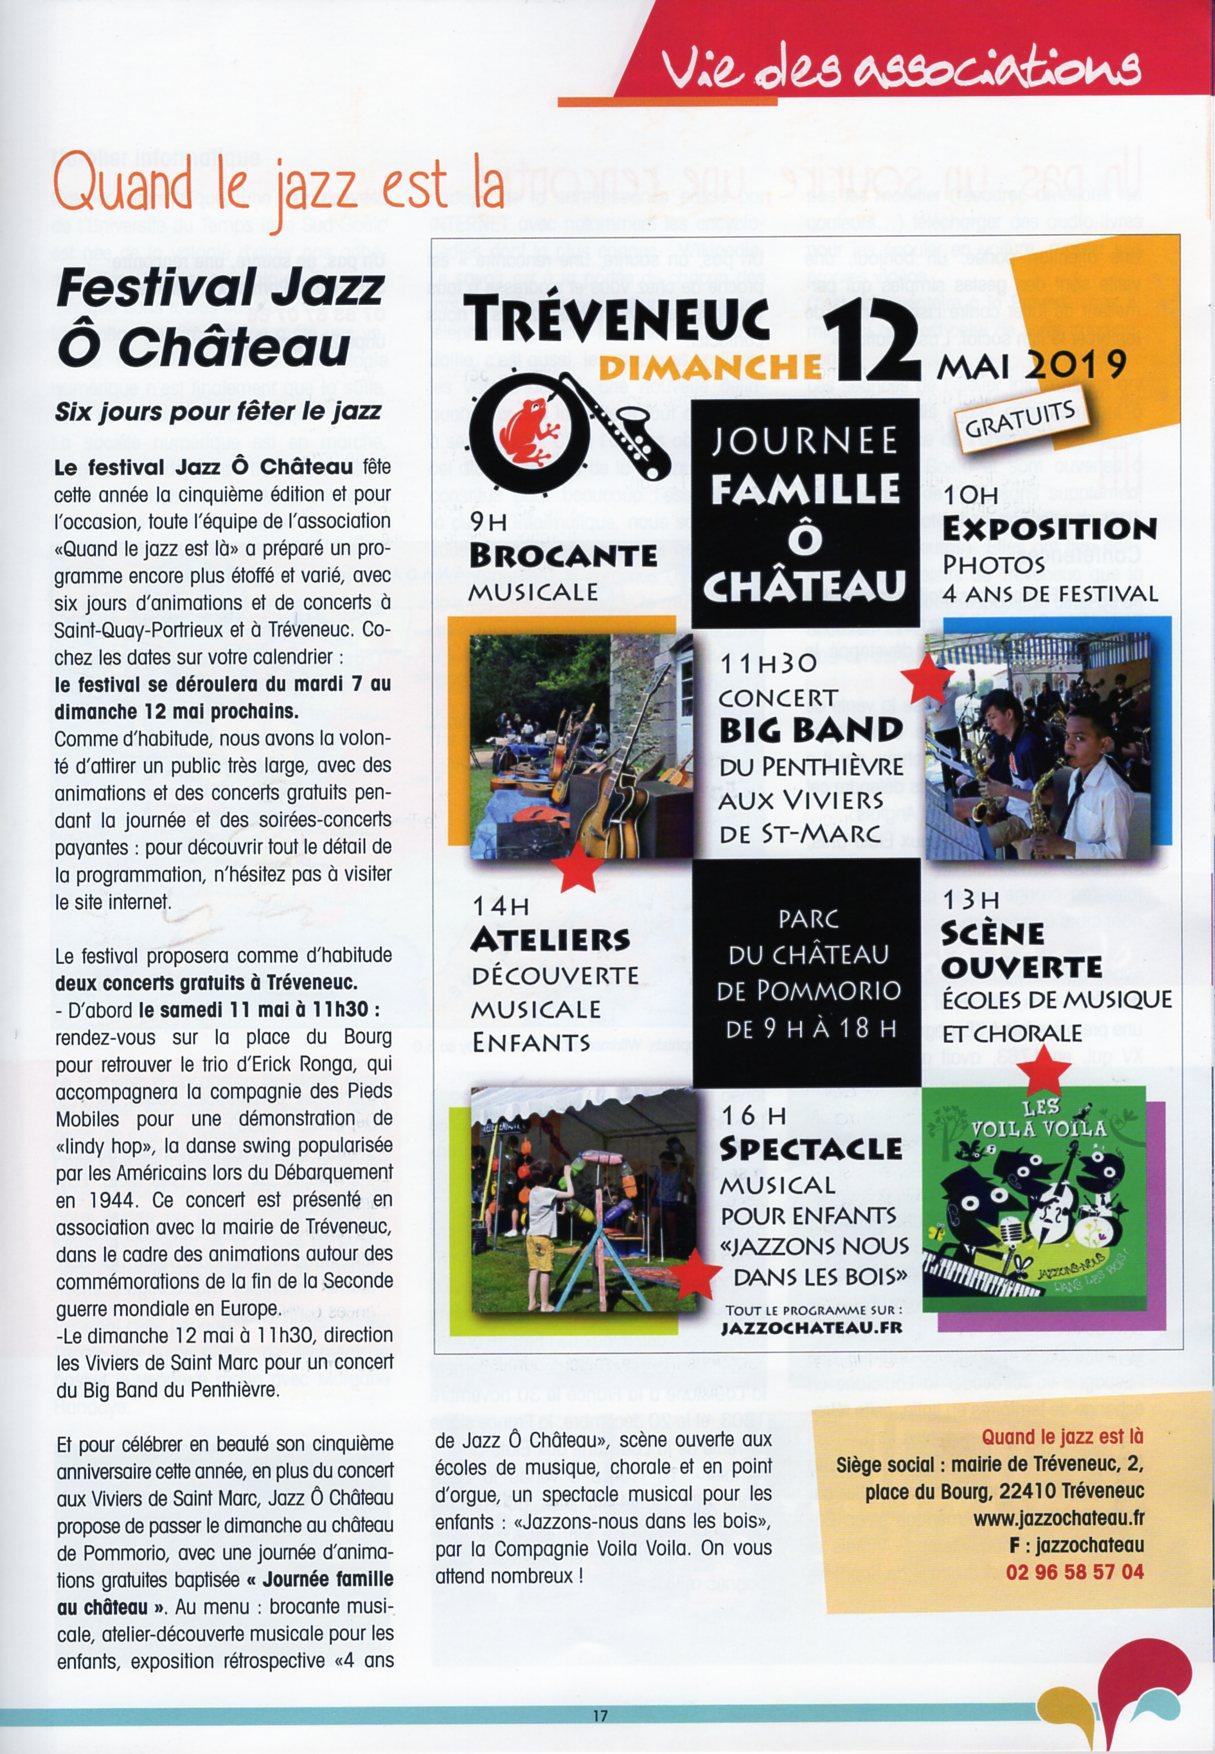 Le Crapaud Rouge - bulletin municipal de Tréveneuc - printemps 2019